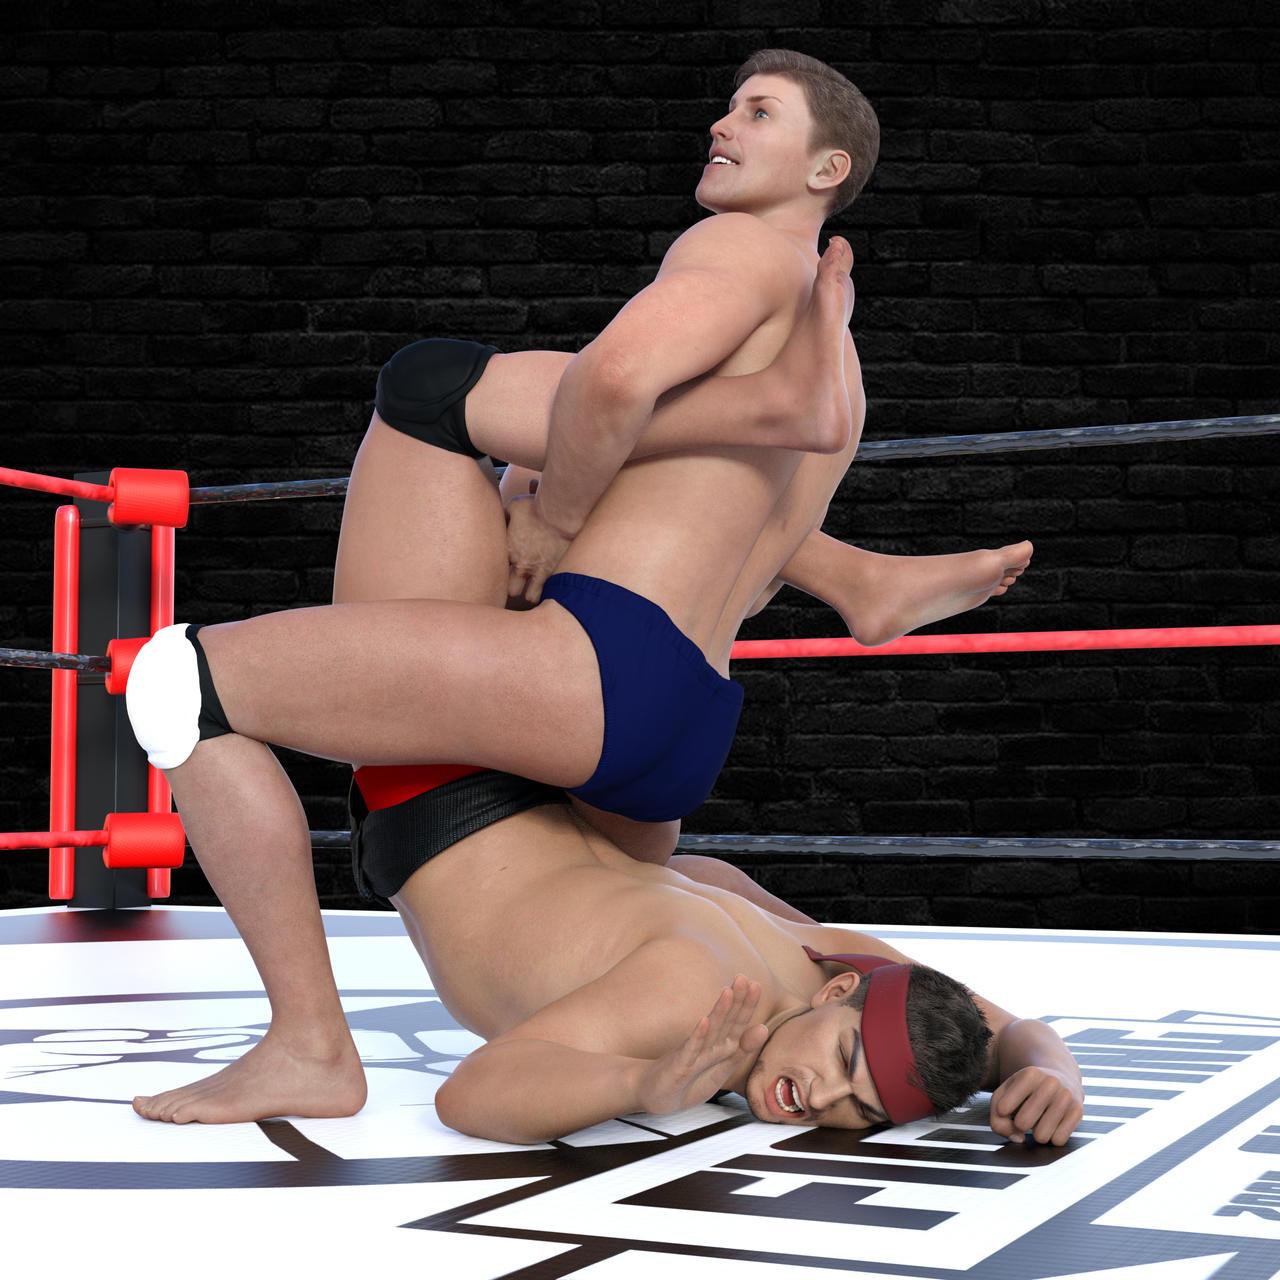 Fangs for the fight- Cobra(D) vs Haru!  Jimmy_tames_ryan_by_submissionfightcorps_defjxu4-fullview.jpg?token=eyJ0eXAiOiJKV1QiLCJhbGciOiJIUzI1NiJ9.eyJzdWIiOiJ1cm46YXBwOjdlMGQxODg5ODIyNjQzNzNhNWYwZDQxNWVhMGQyNmUwIiwiaXNzIjoidXJuOmFwcDo3ZTBkMTg4OTgyMjY0MzczYTVmMGQ0MTVlYTBkMjZlMCIsIm9iaiI6W1t7ImhlaWdodCI6Ijw9MTI4MCIsInBhdGgiOiJcL2ZcLzQ3NDNhYzFhLWIxY2MtNGI5MS05YWMyLWIwYjg5Y2Q3ZGE4MVwvZGVmanh1NC1kYzYwYjU5Ni1hZmNiLTQ3MWItOWE3MC0yMGI5ODE3ZmZmYzcuanBnIiwid2lkdGgiOiI8PTEyODAifV1dLCJhdWQiOlsidXJuOnNlcnZpY2U6aW1hZ2Uub3BlcmF0aW9ucyJdfQ